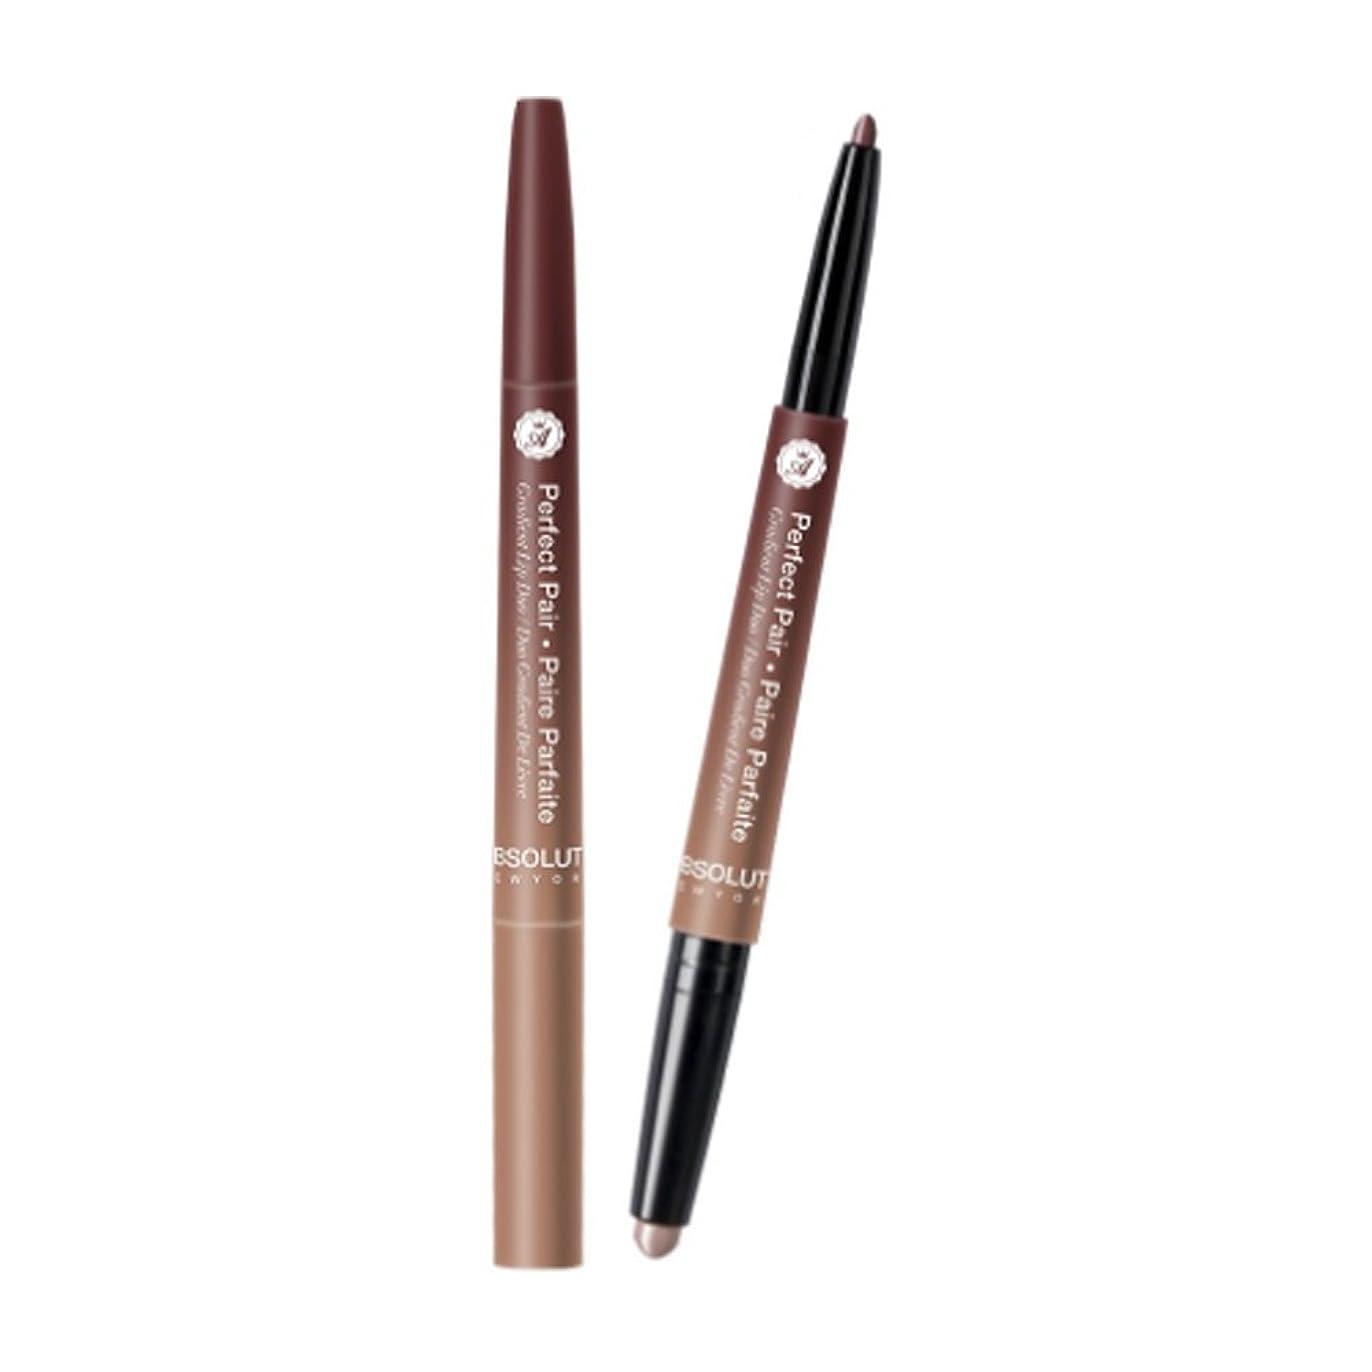 忘れる省略置き場(3 Pack) ABSOLUTE Perfect Pair Lip Duo - Sugar & Spice (並行輸入品)